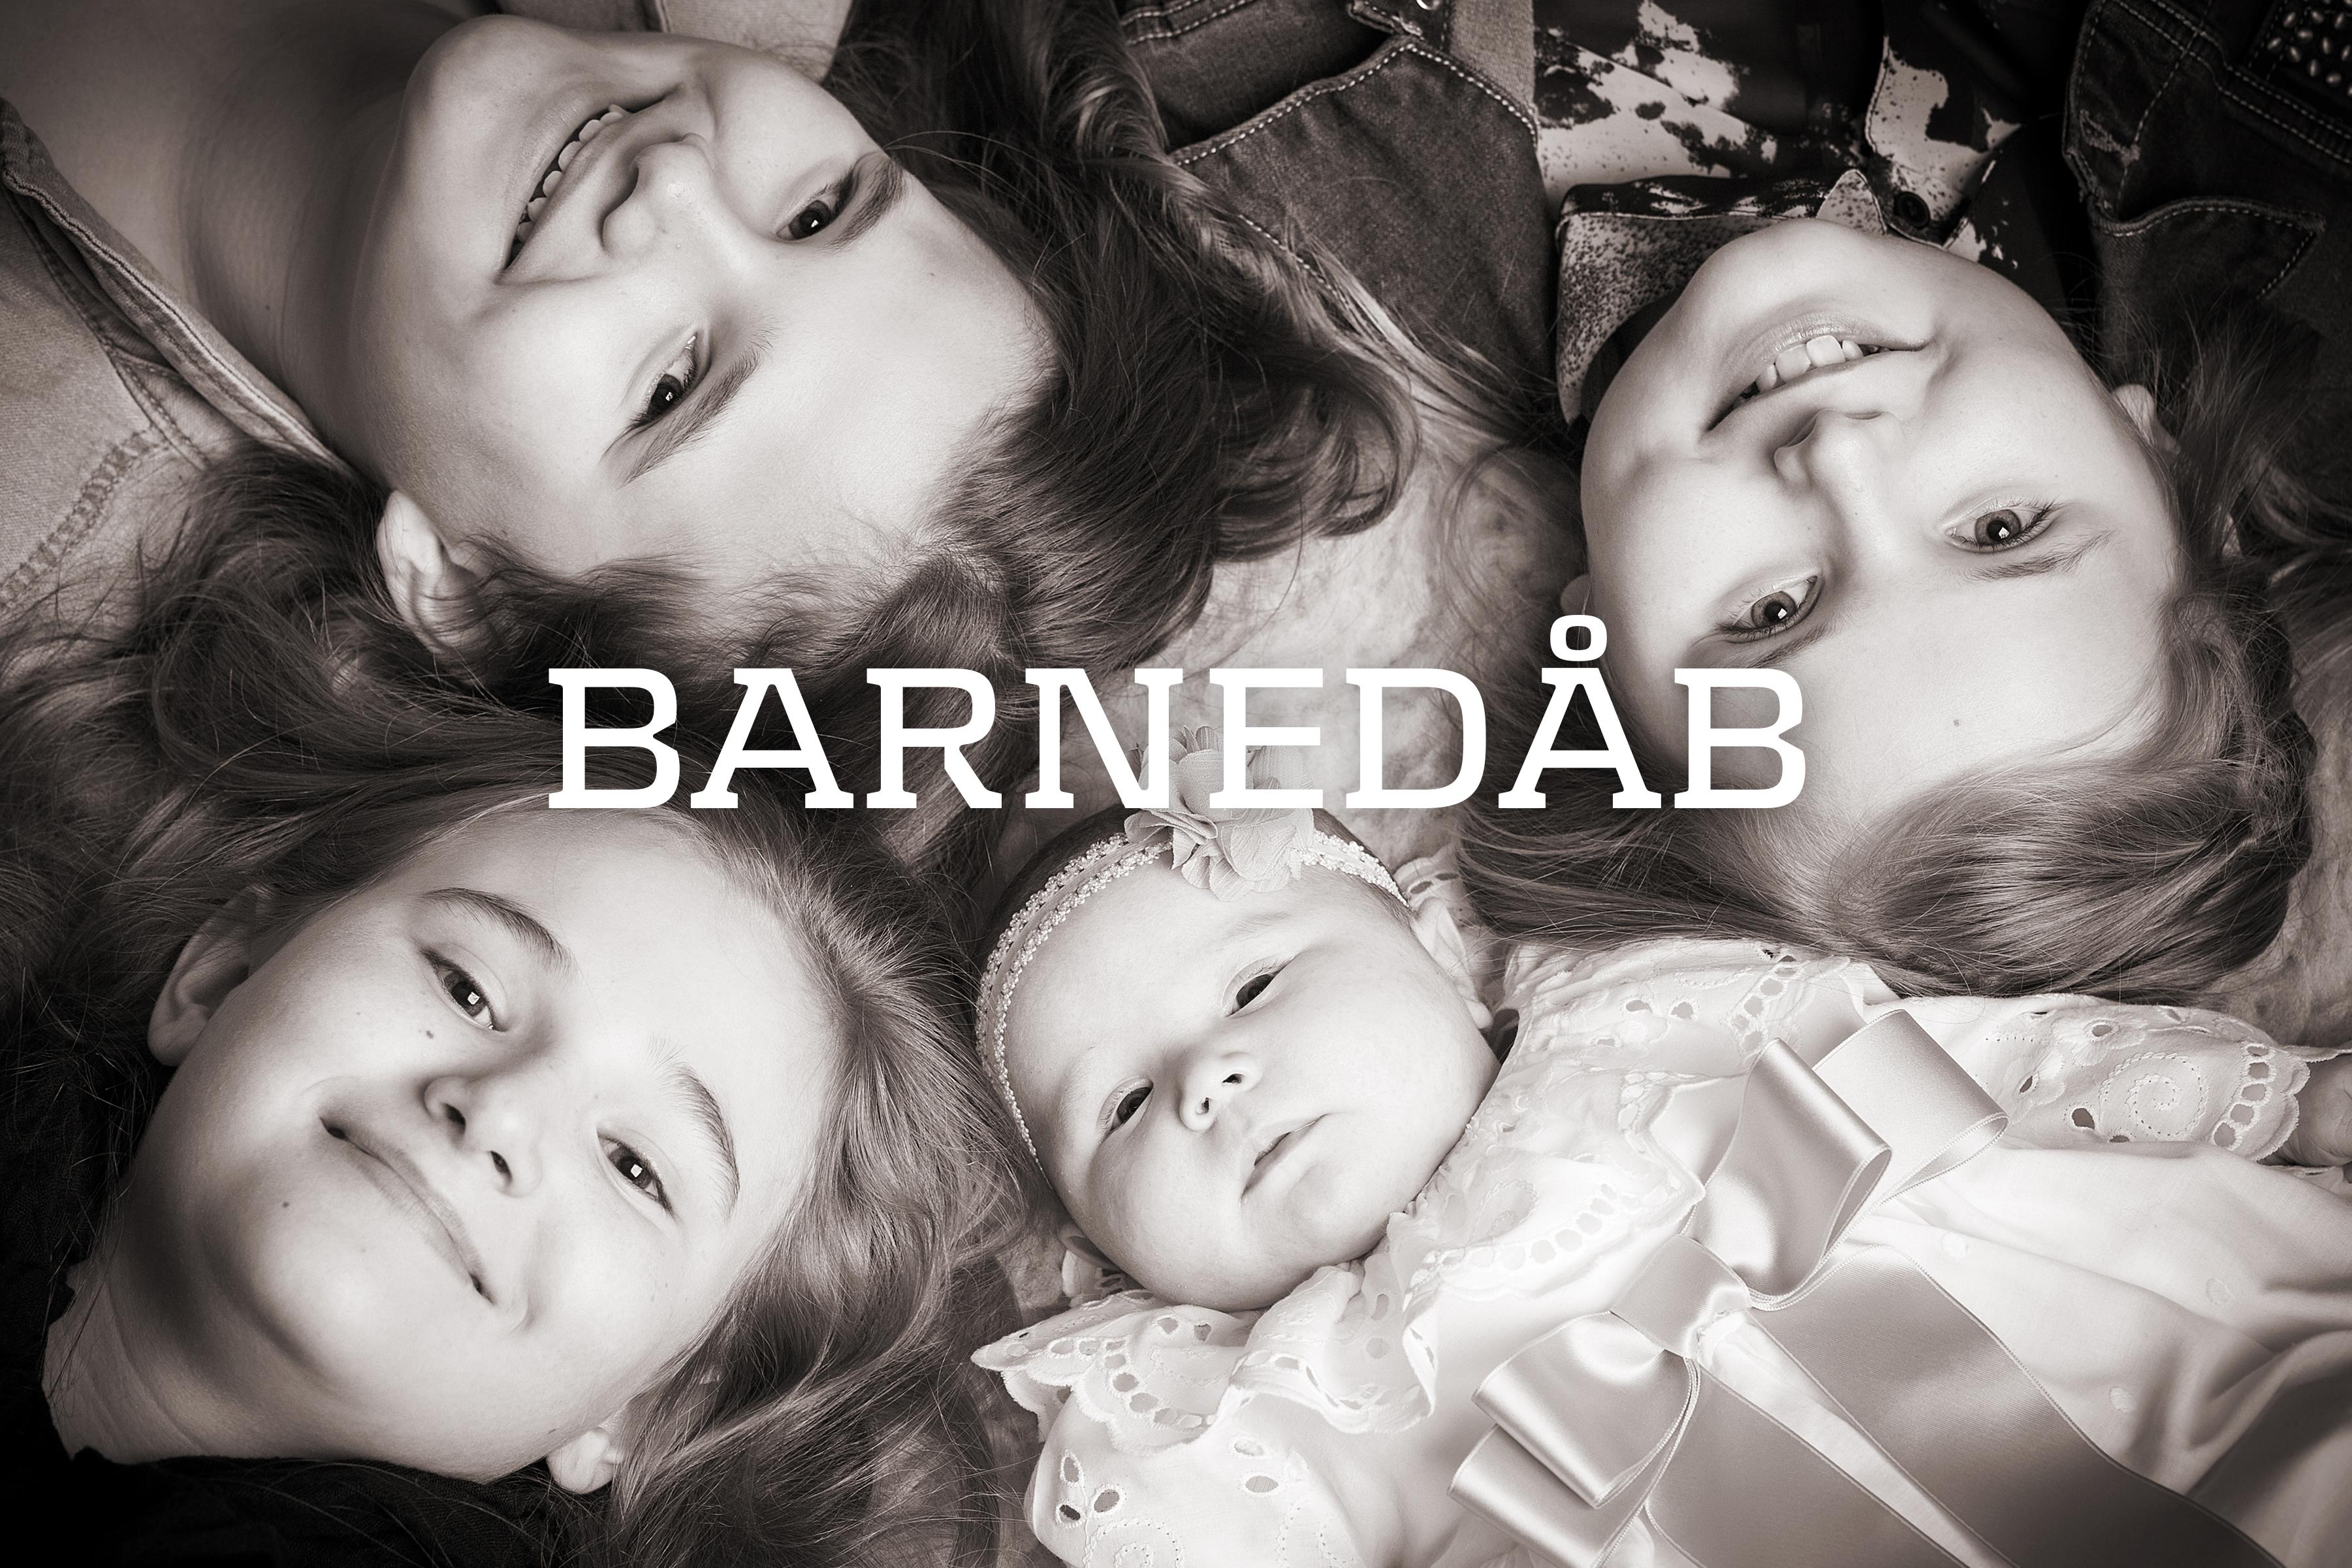 Barnedaab